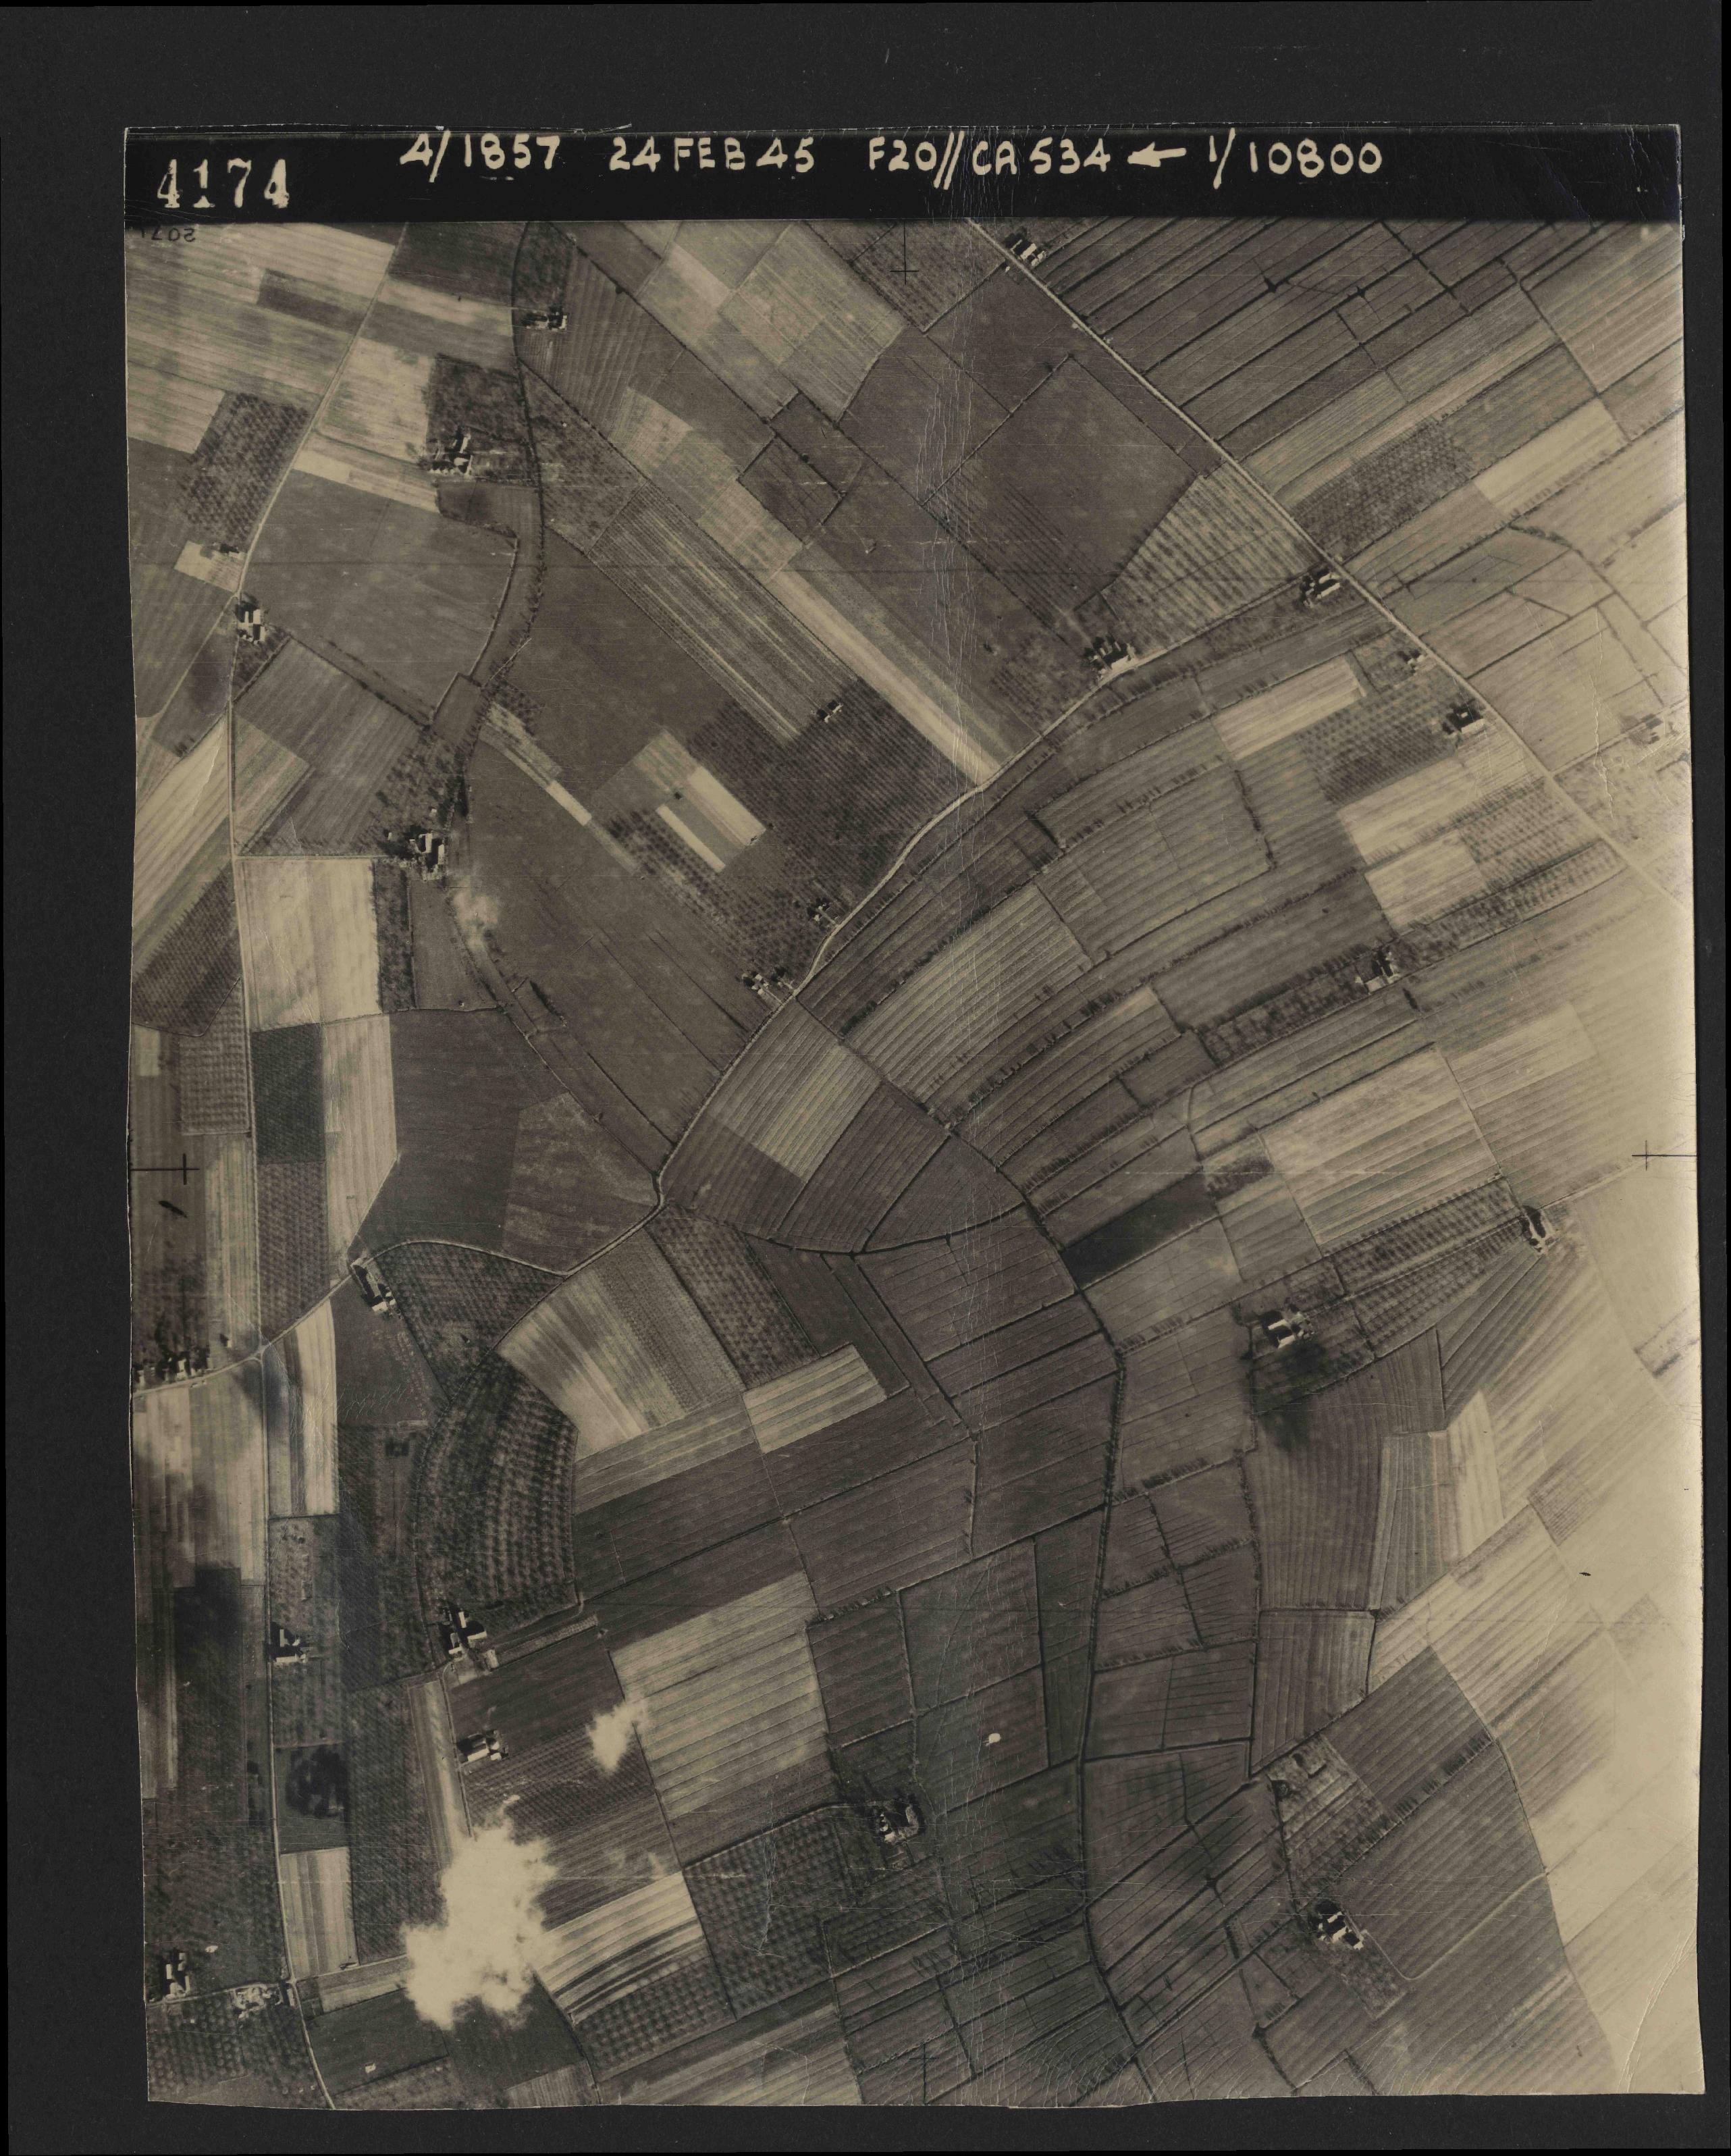 Collection RAF aerial photos 1940-1945 - flight 073, run 01, photo 4174